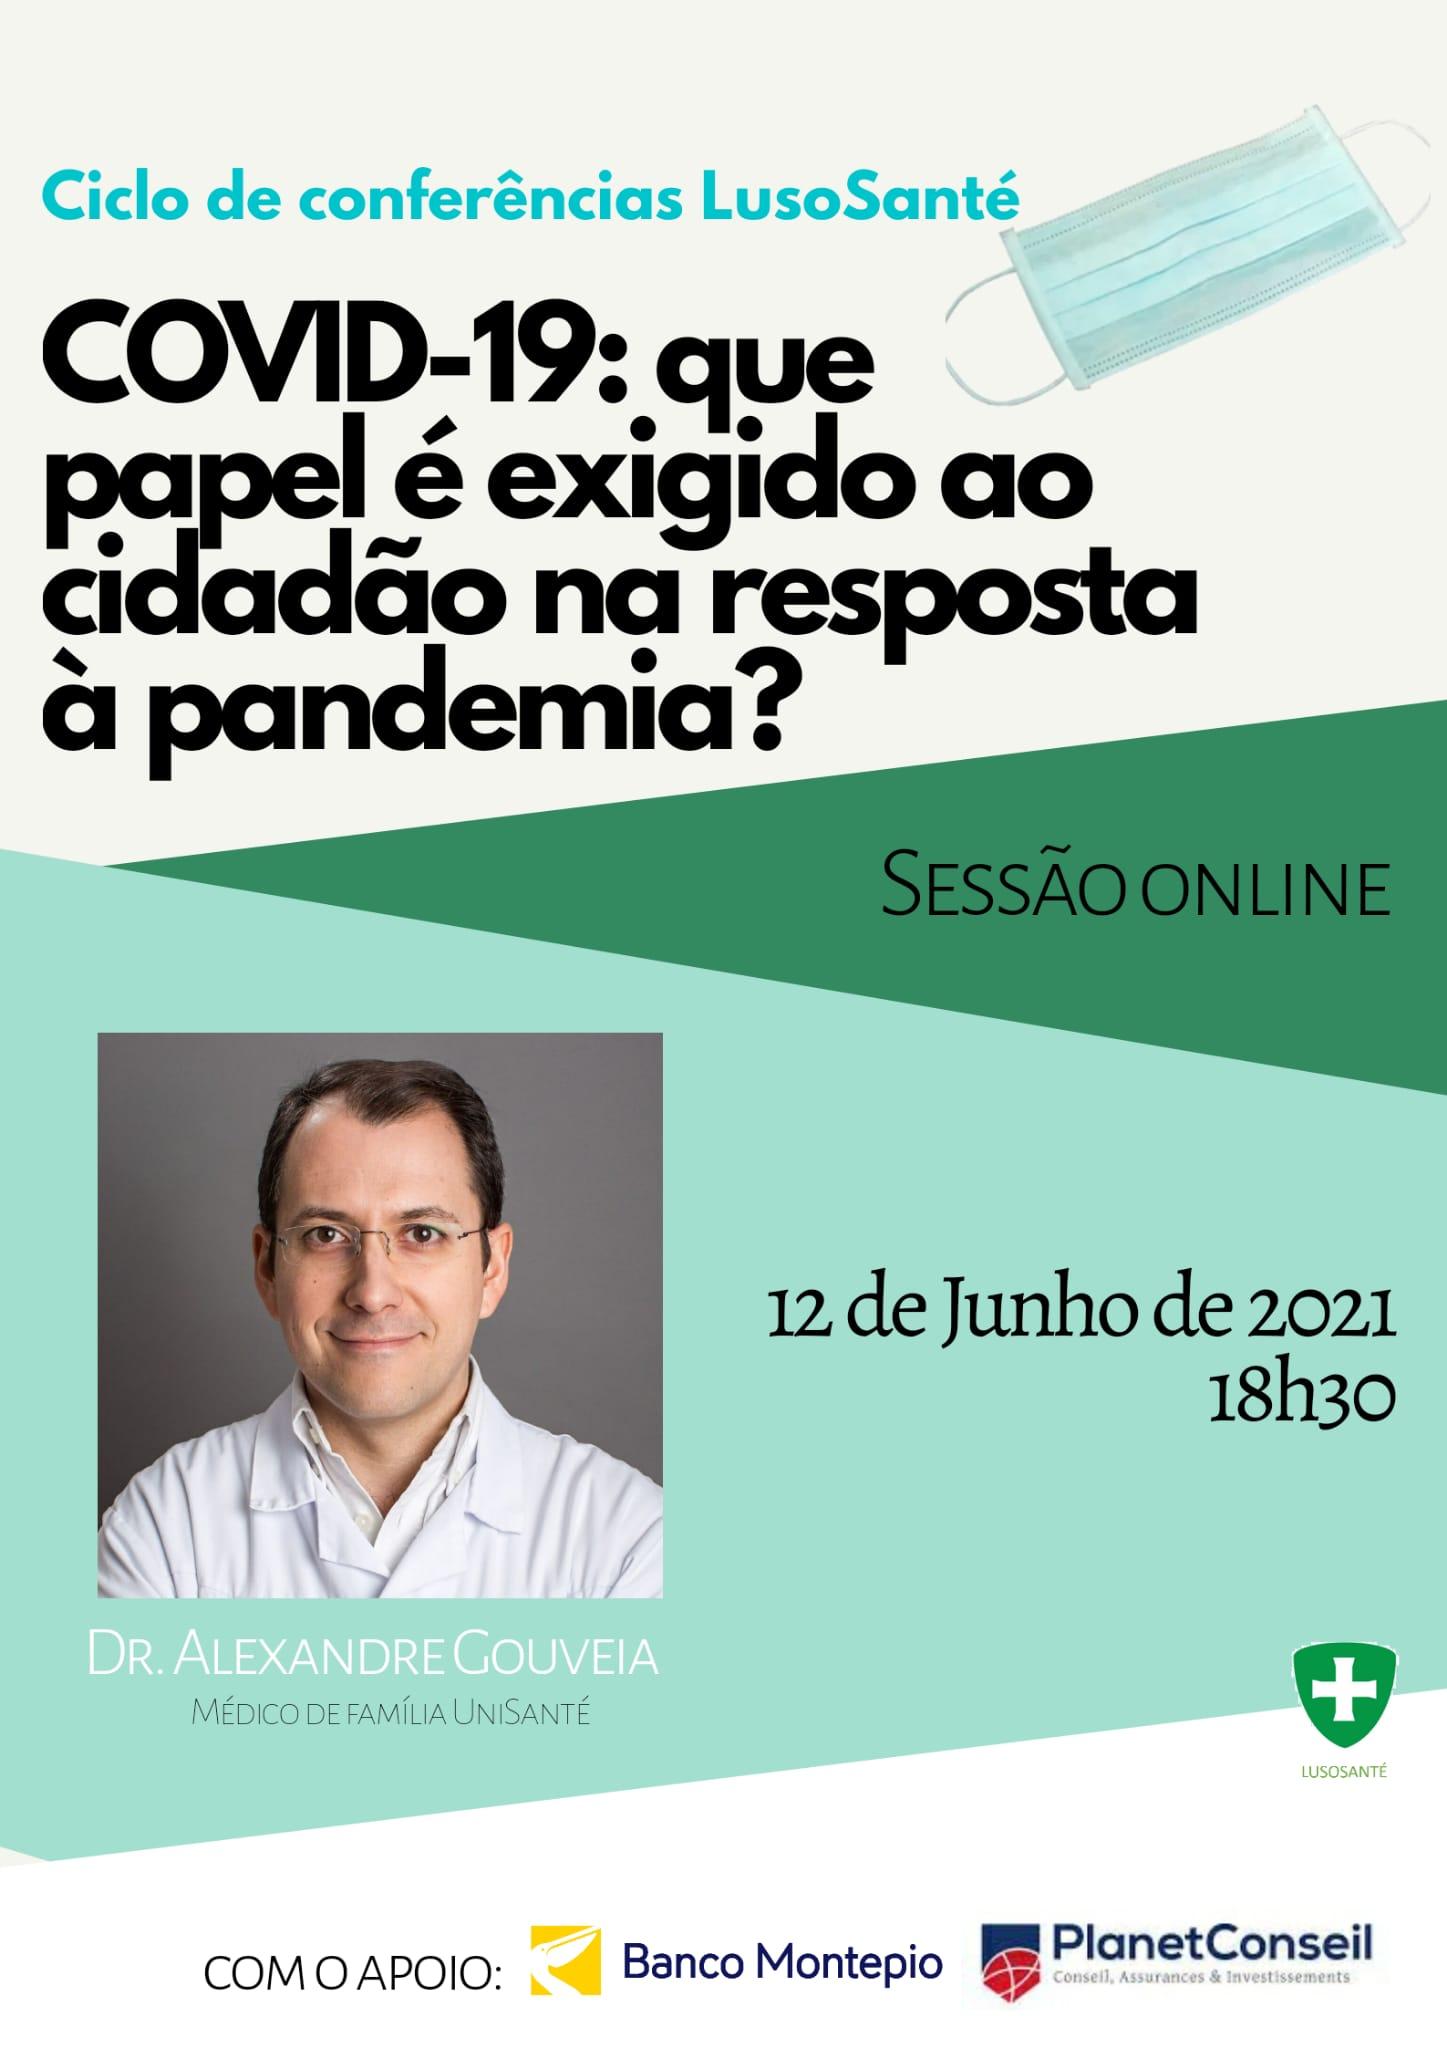 COVID-19: Que papel é exigido ao cidadão na resposta à pandemia